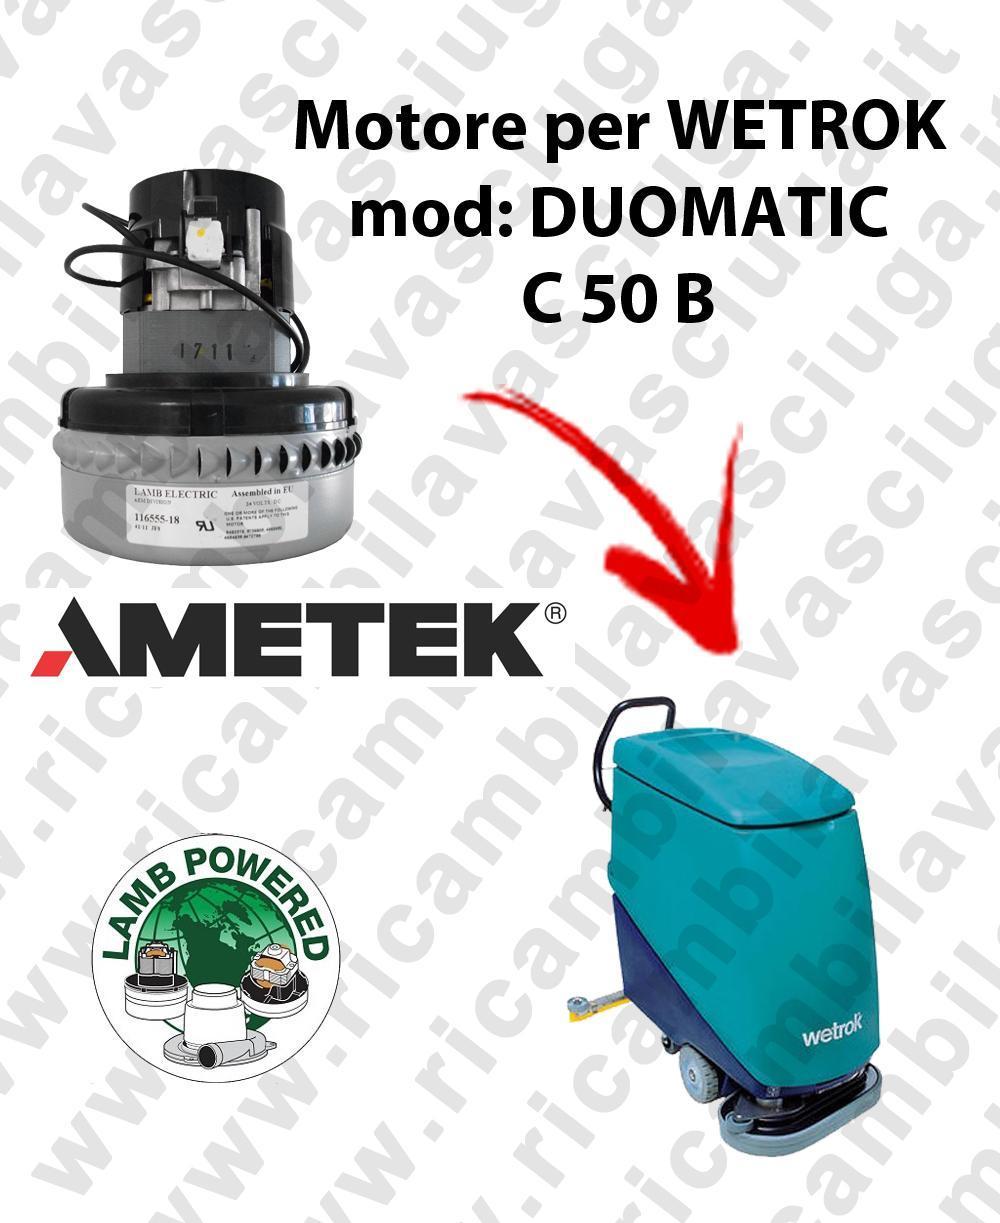 DUOMATIC C 50 B MOTEUR ASPIRATION LAMB AMATEK pour autolaveuses WETROK